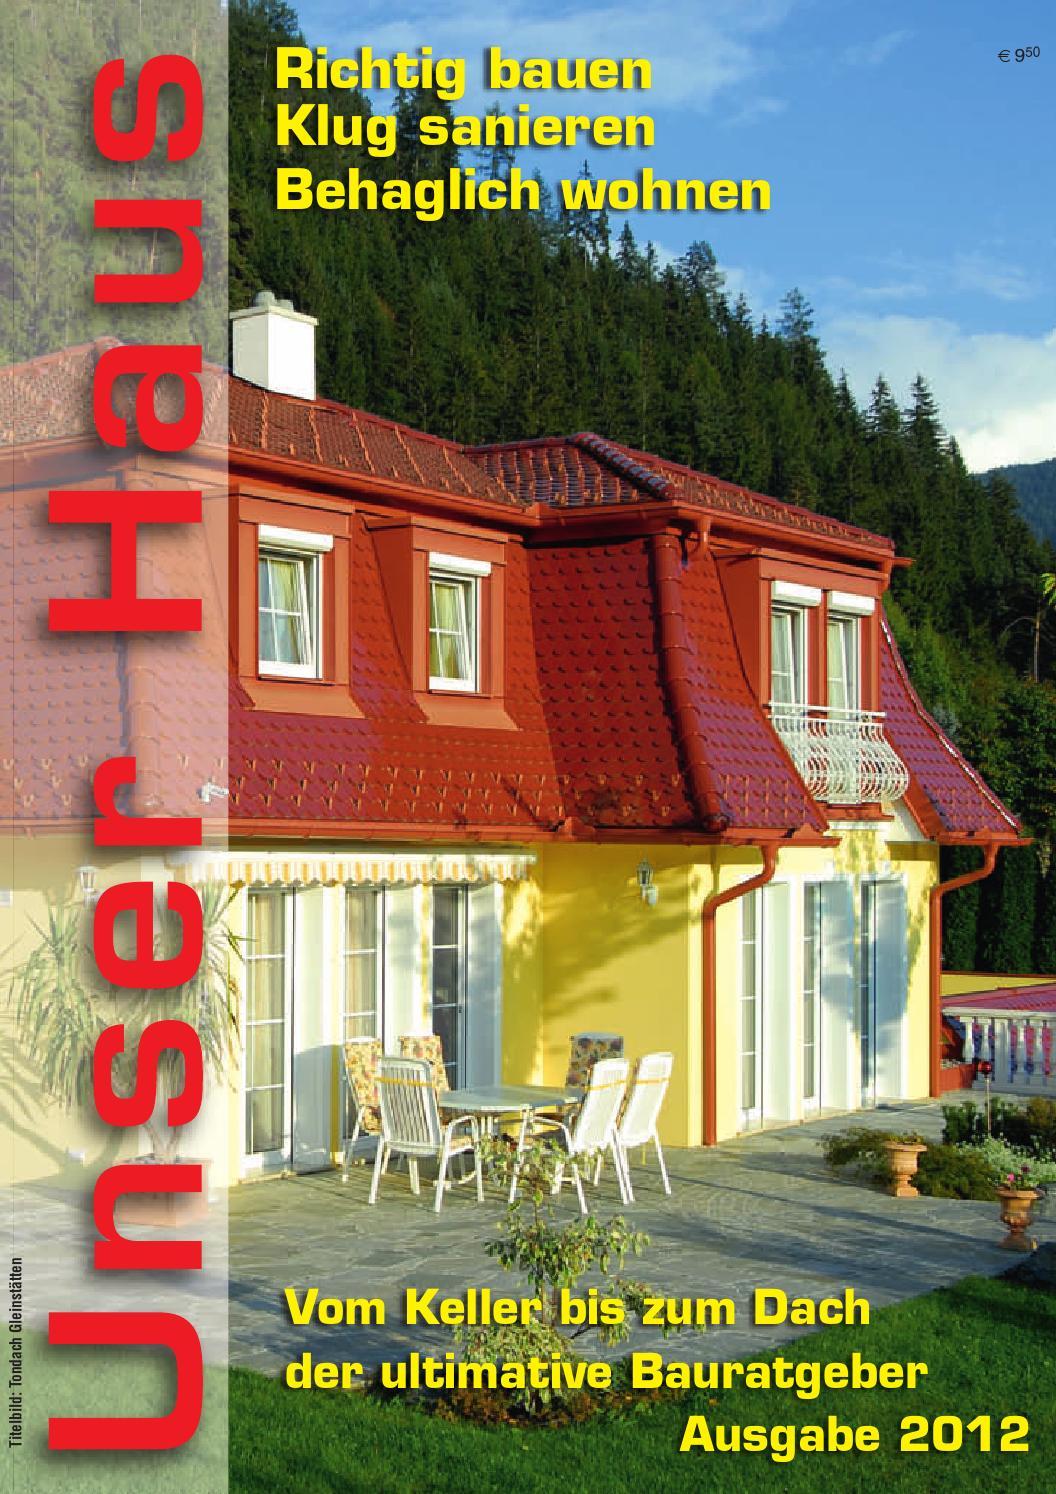 Unser Haus 2012 by oland Kanfer - issuu